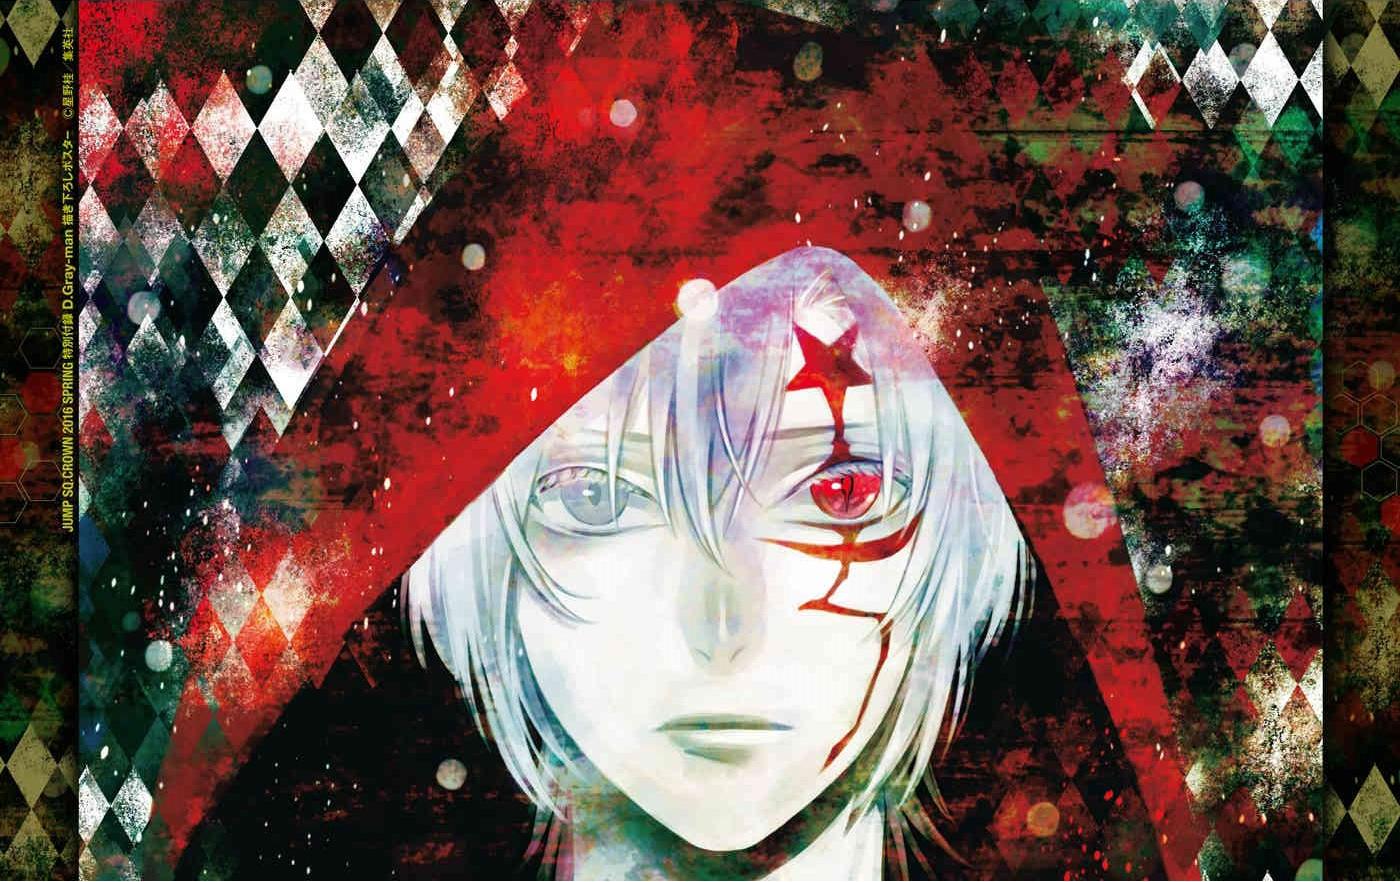 d.gray-man-anime-manga-hallow